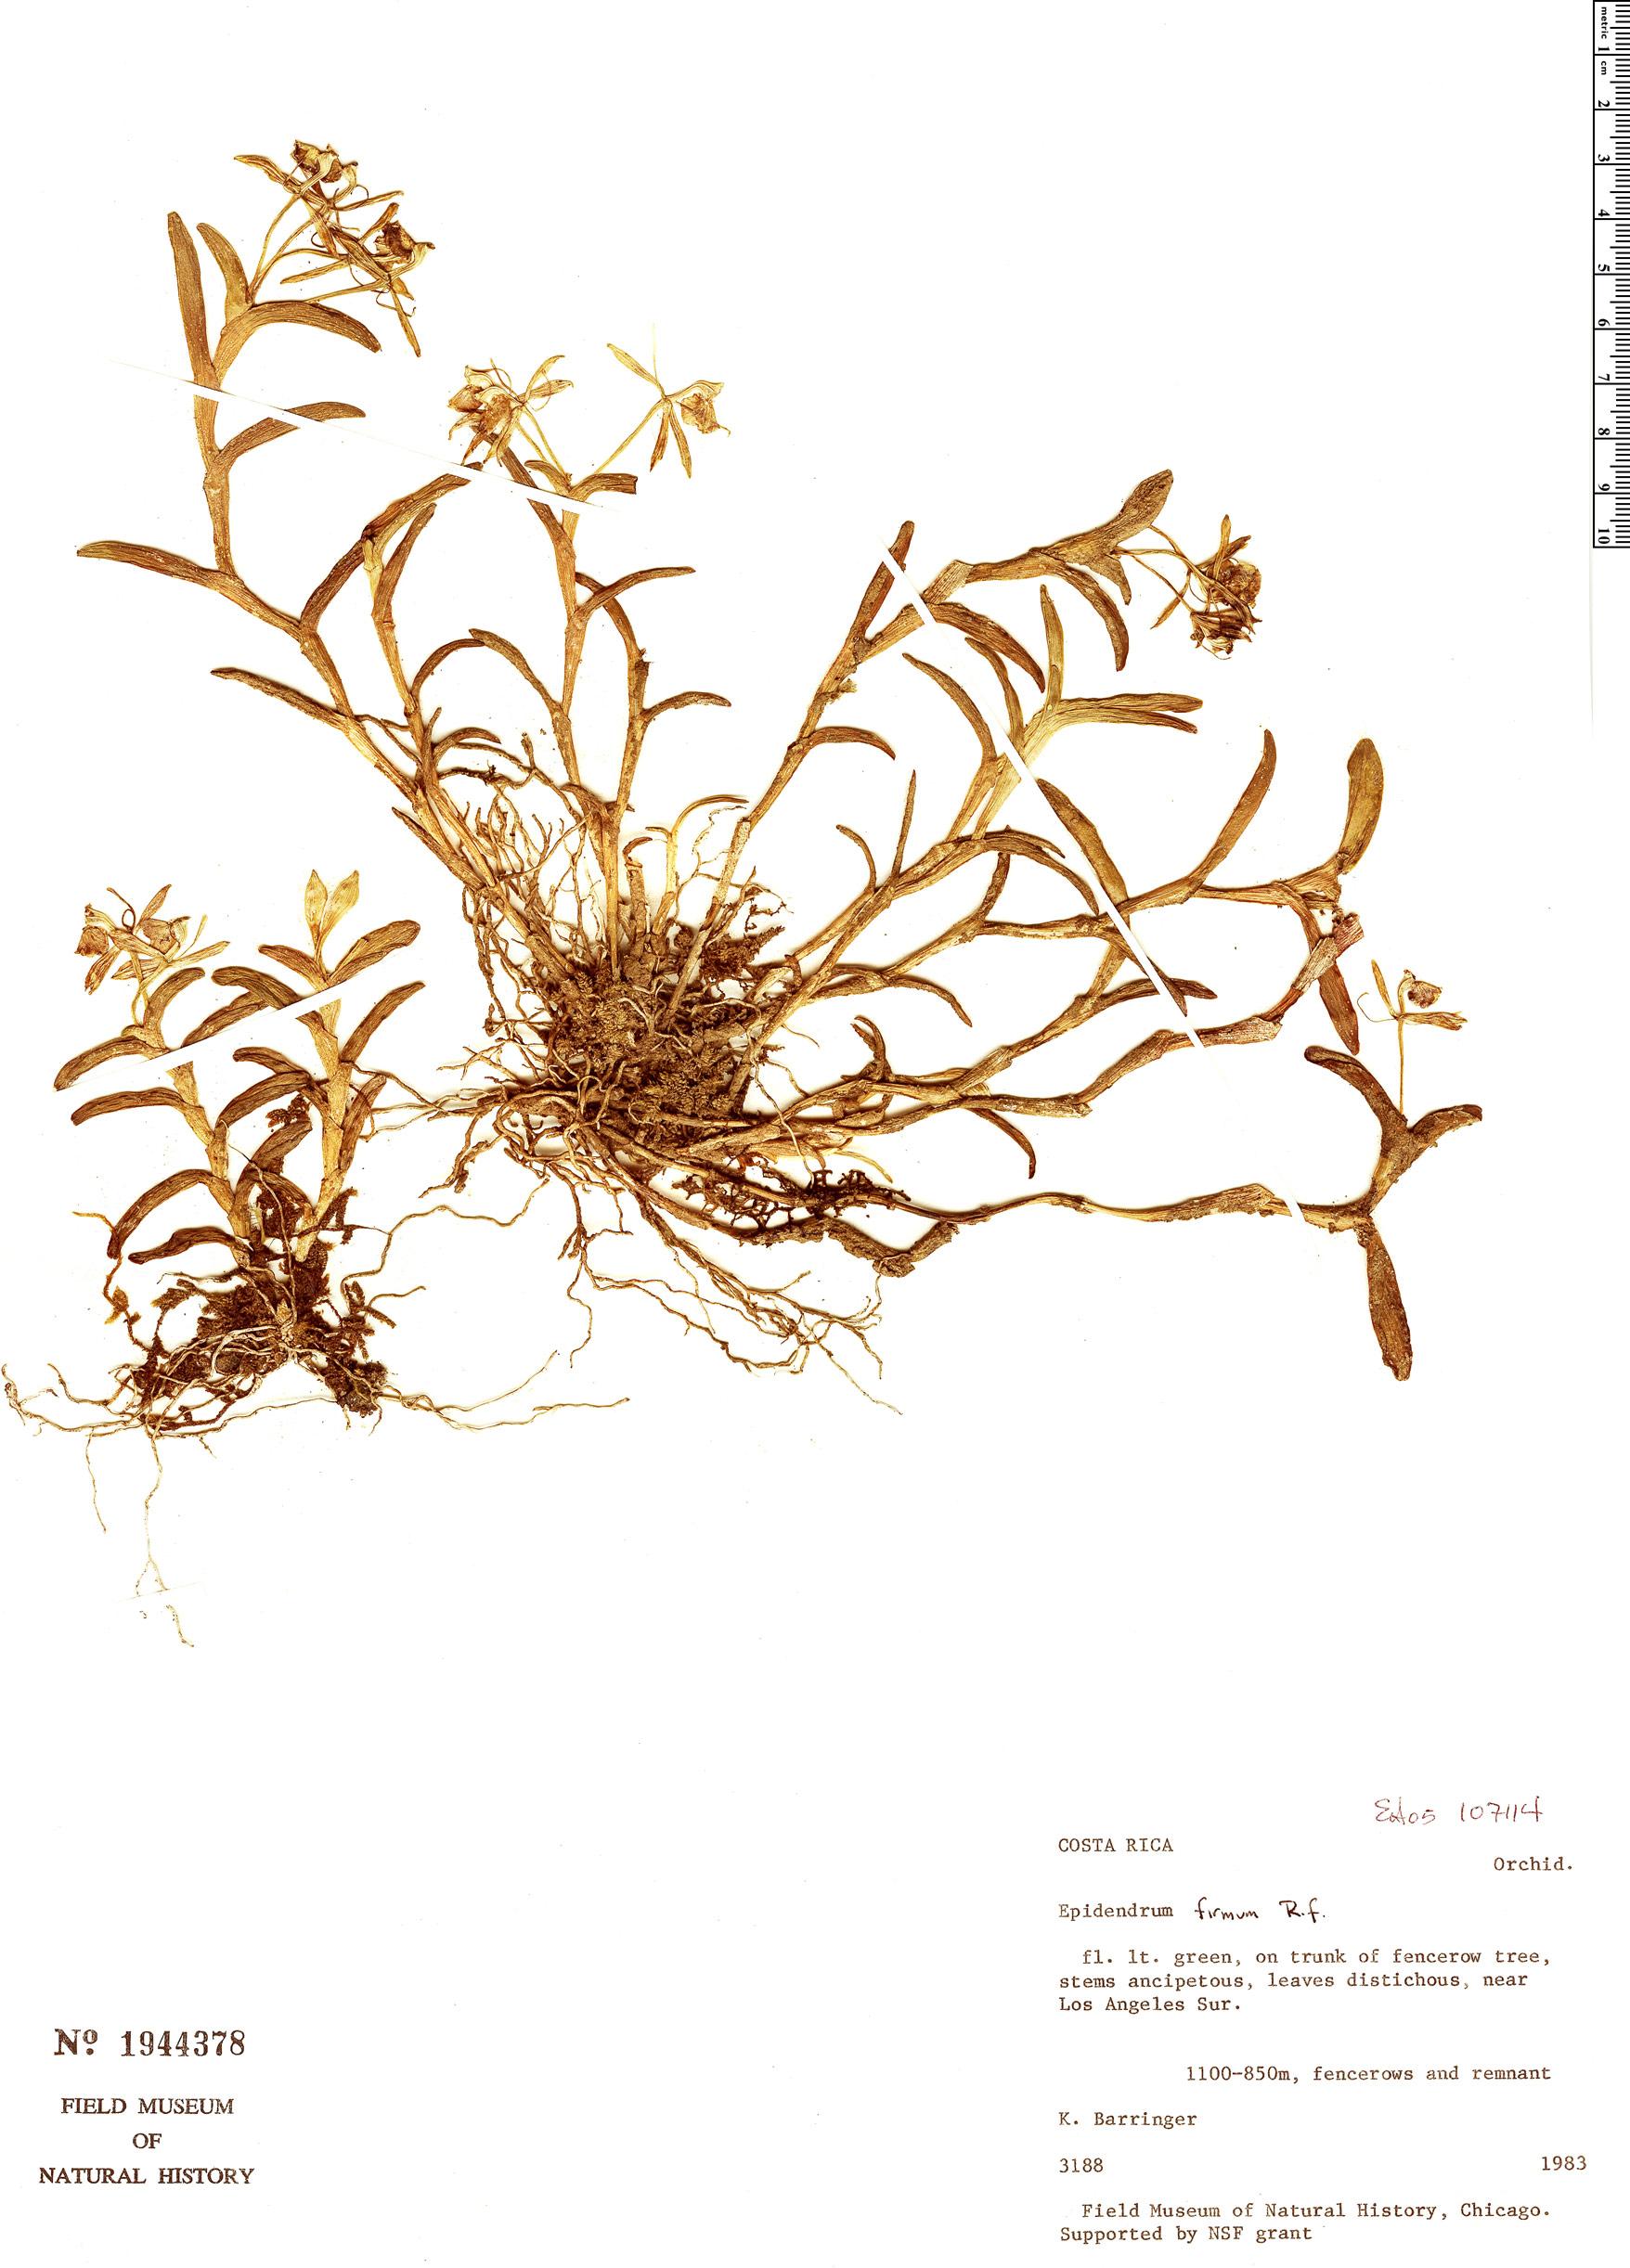 Specimen: Epidendrum firmum